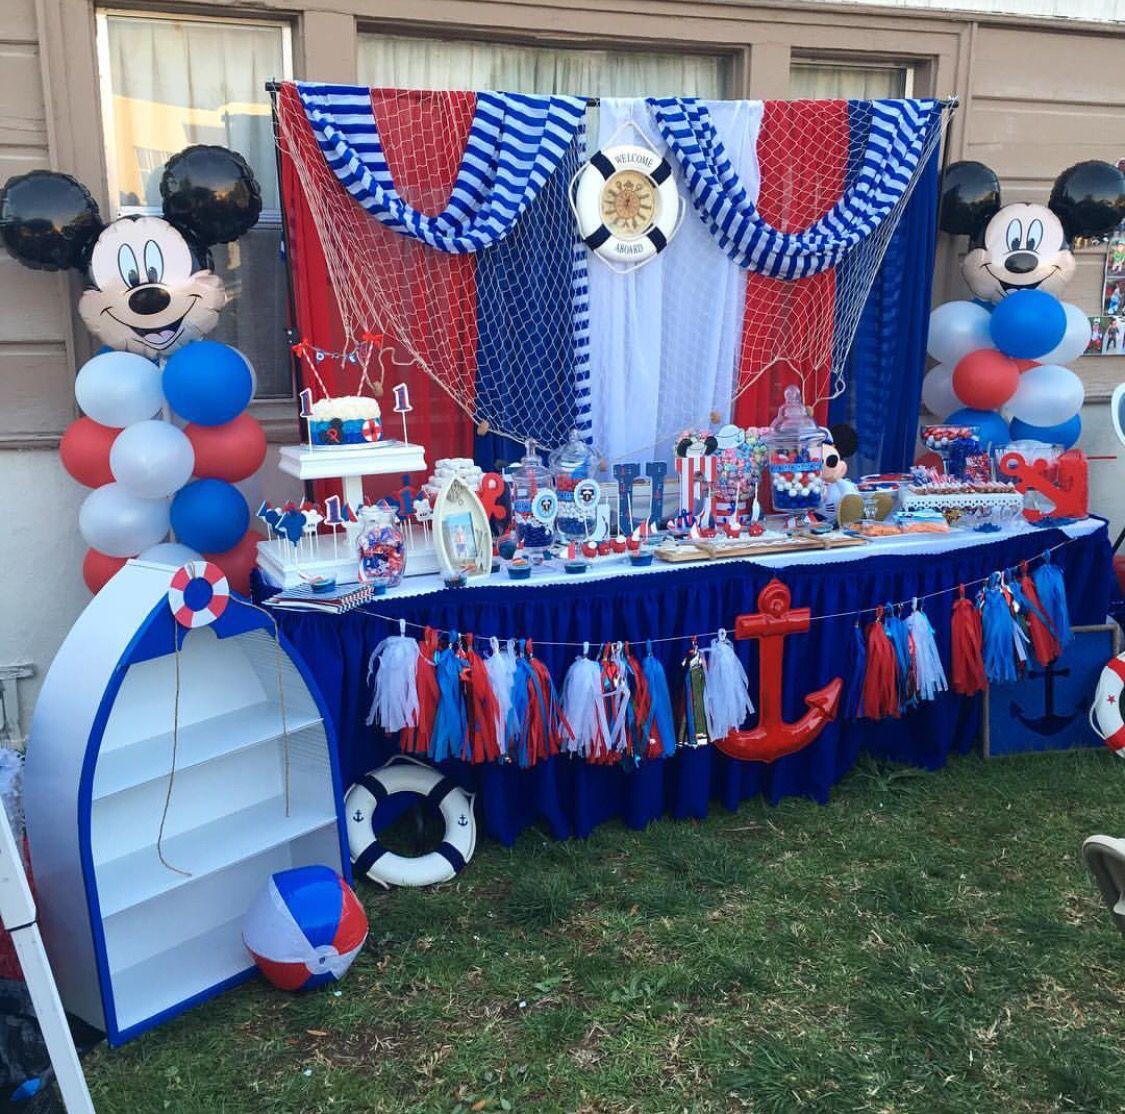 Resultado de imagen para mickey mouse bebe marinero marinero pinterest mickey mouse bebe - Fiesta marinera decoracion ...